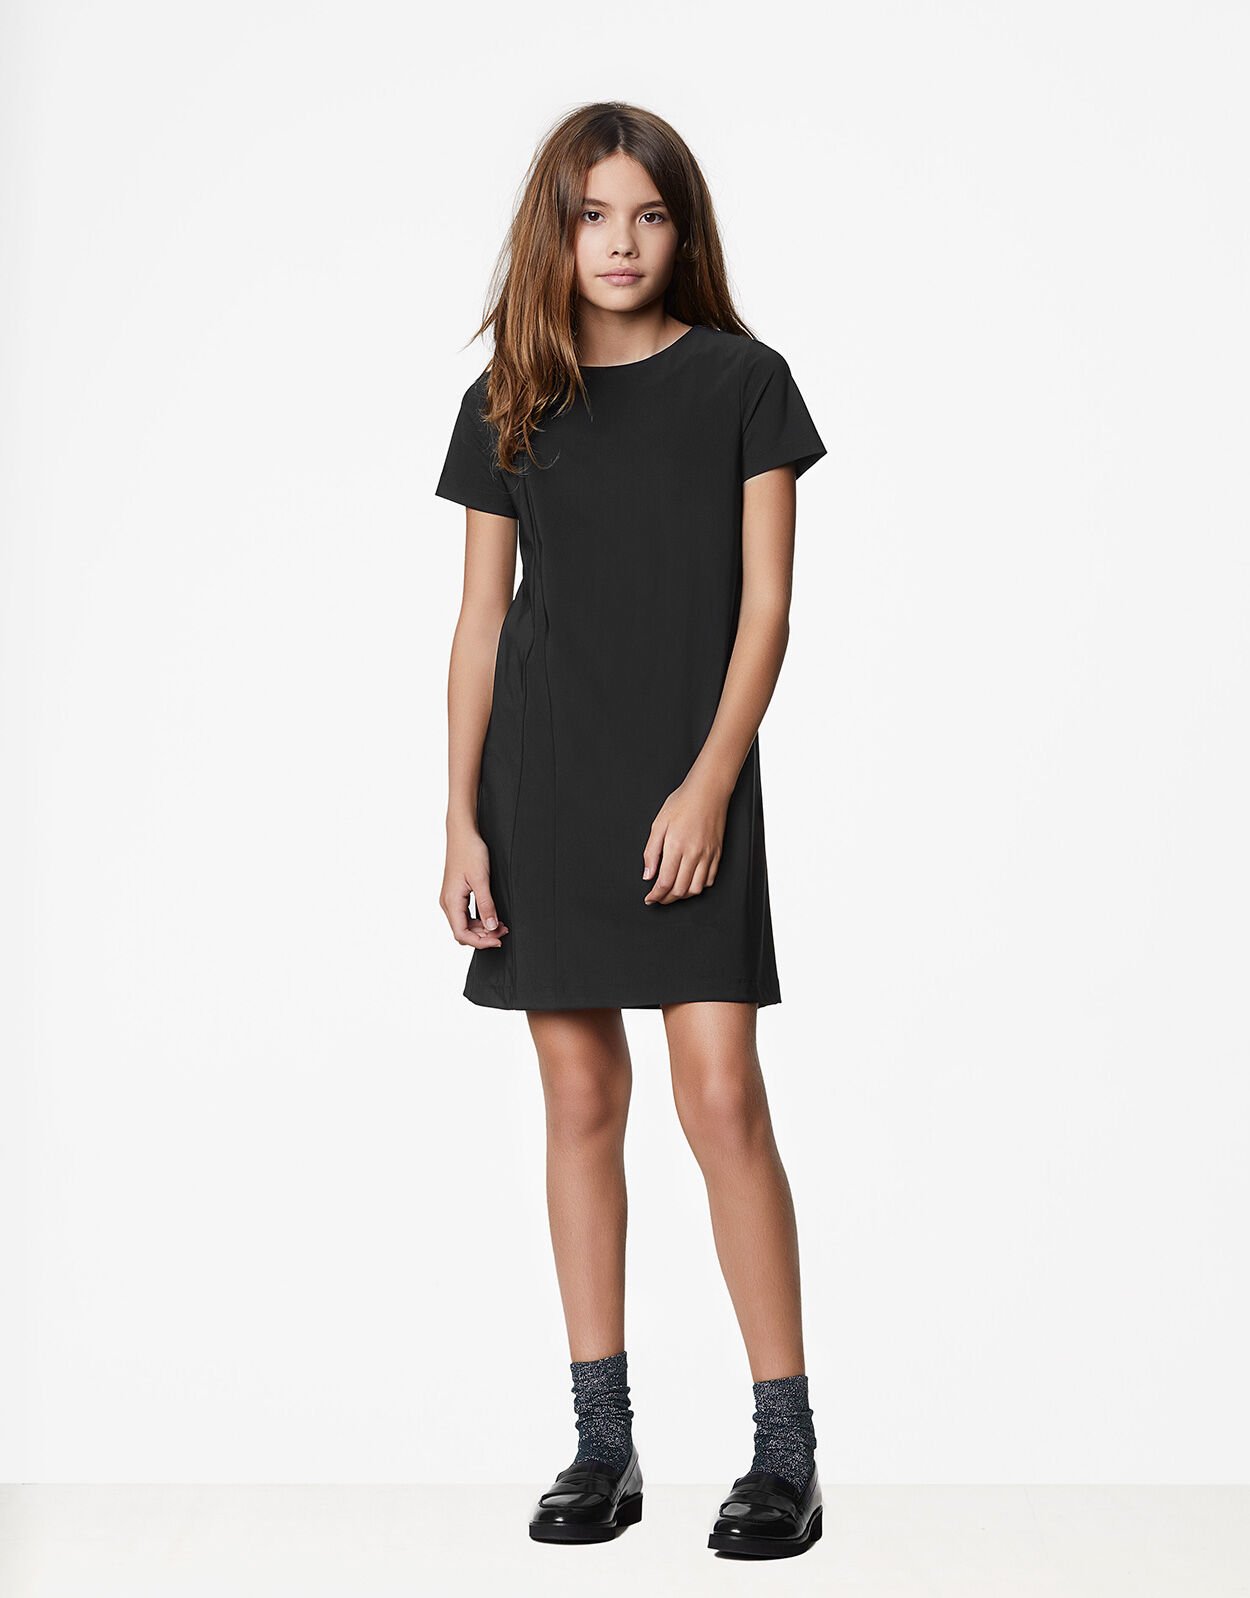 Abbildung von LaDress Ariel jerseykleid schwarz